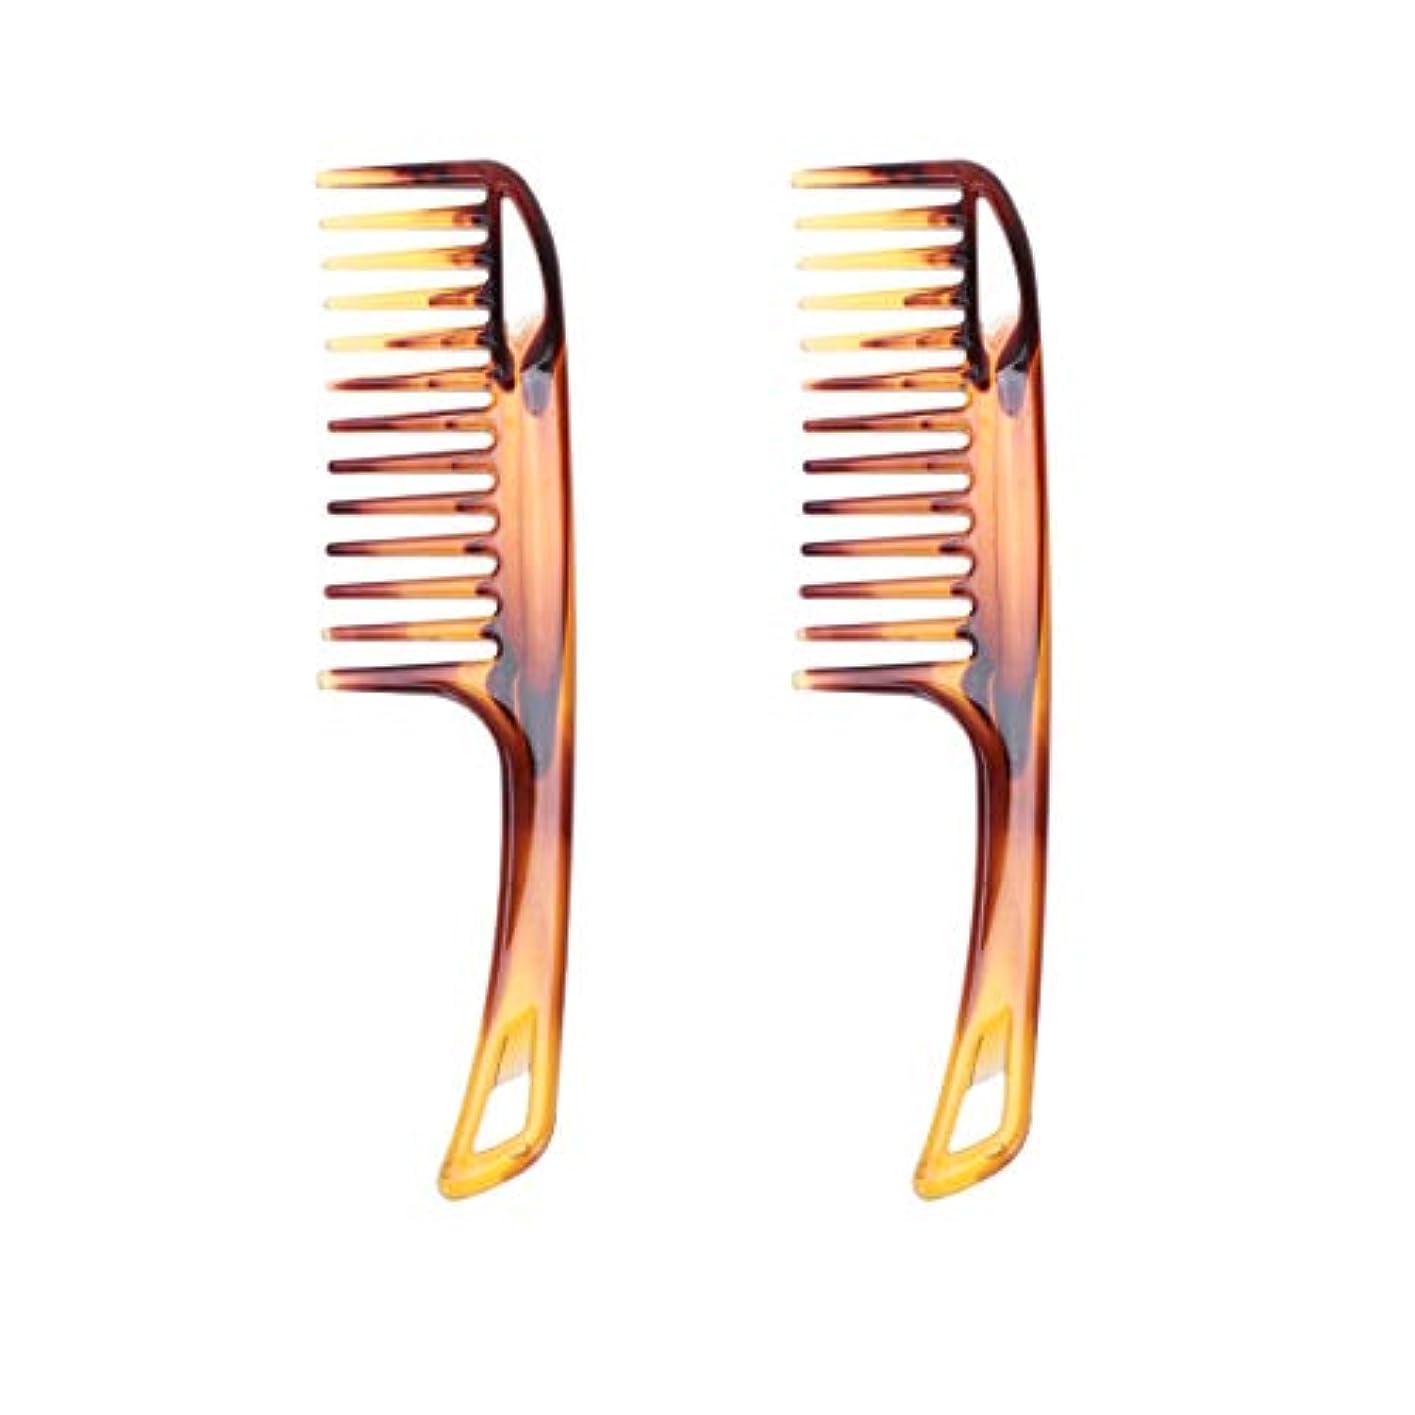 合わせて夫スマッシュLurrose 2Pcs Long Handle Conditioning Rake Comb for Men Women Bathroom